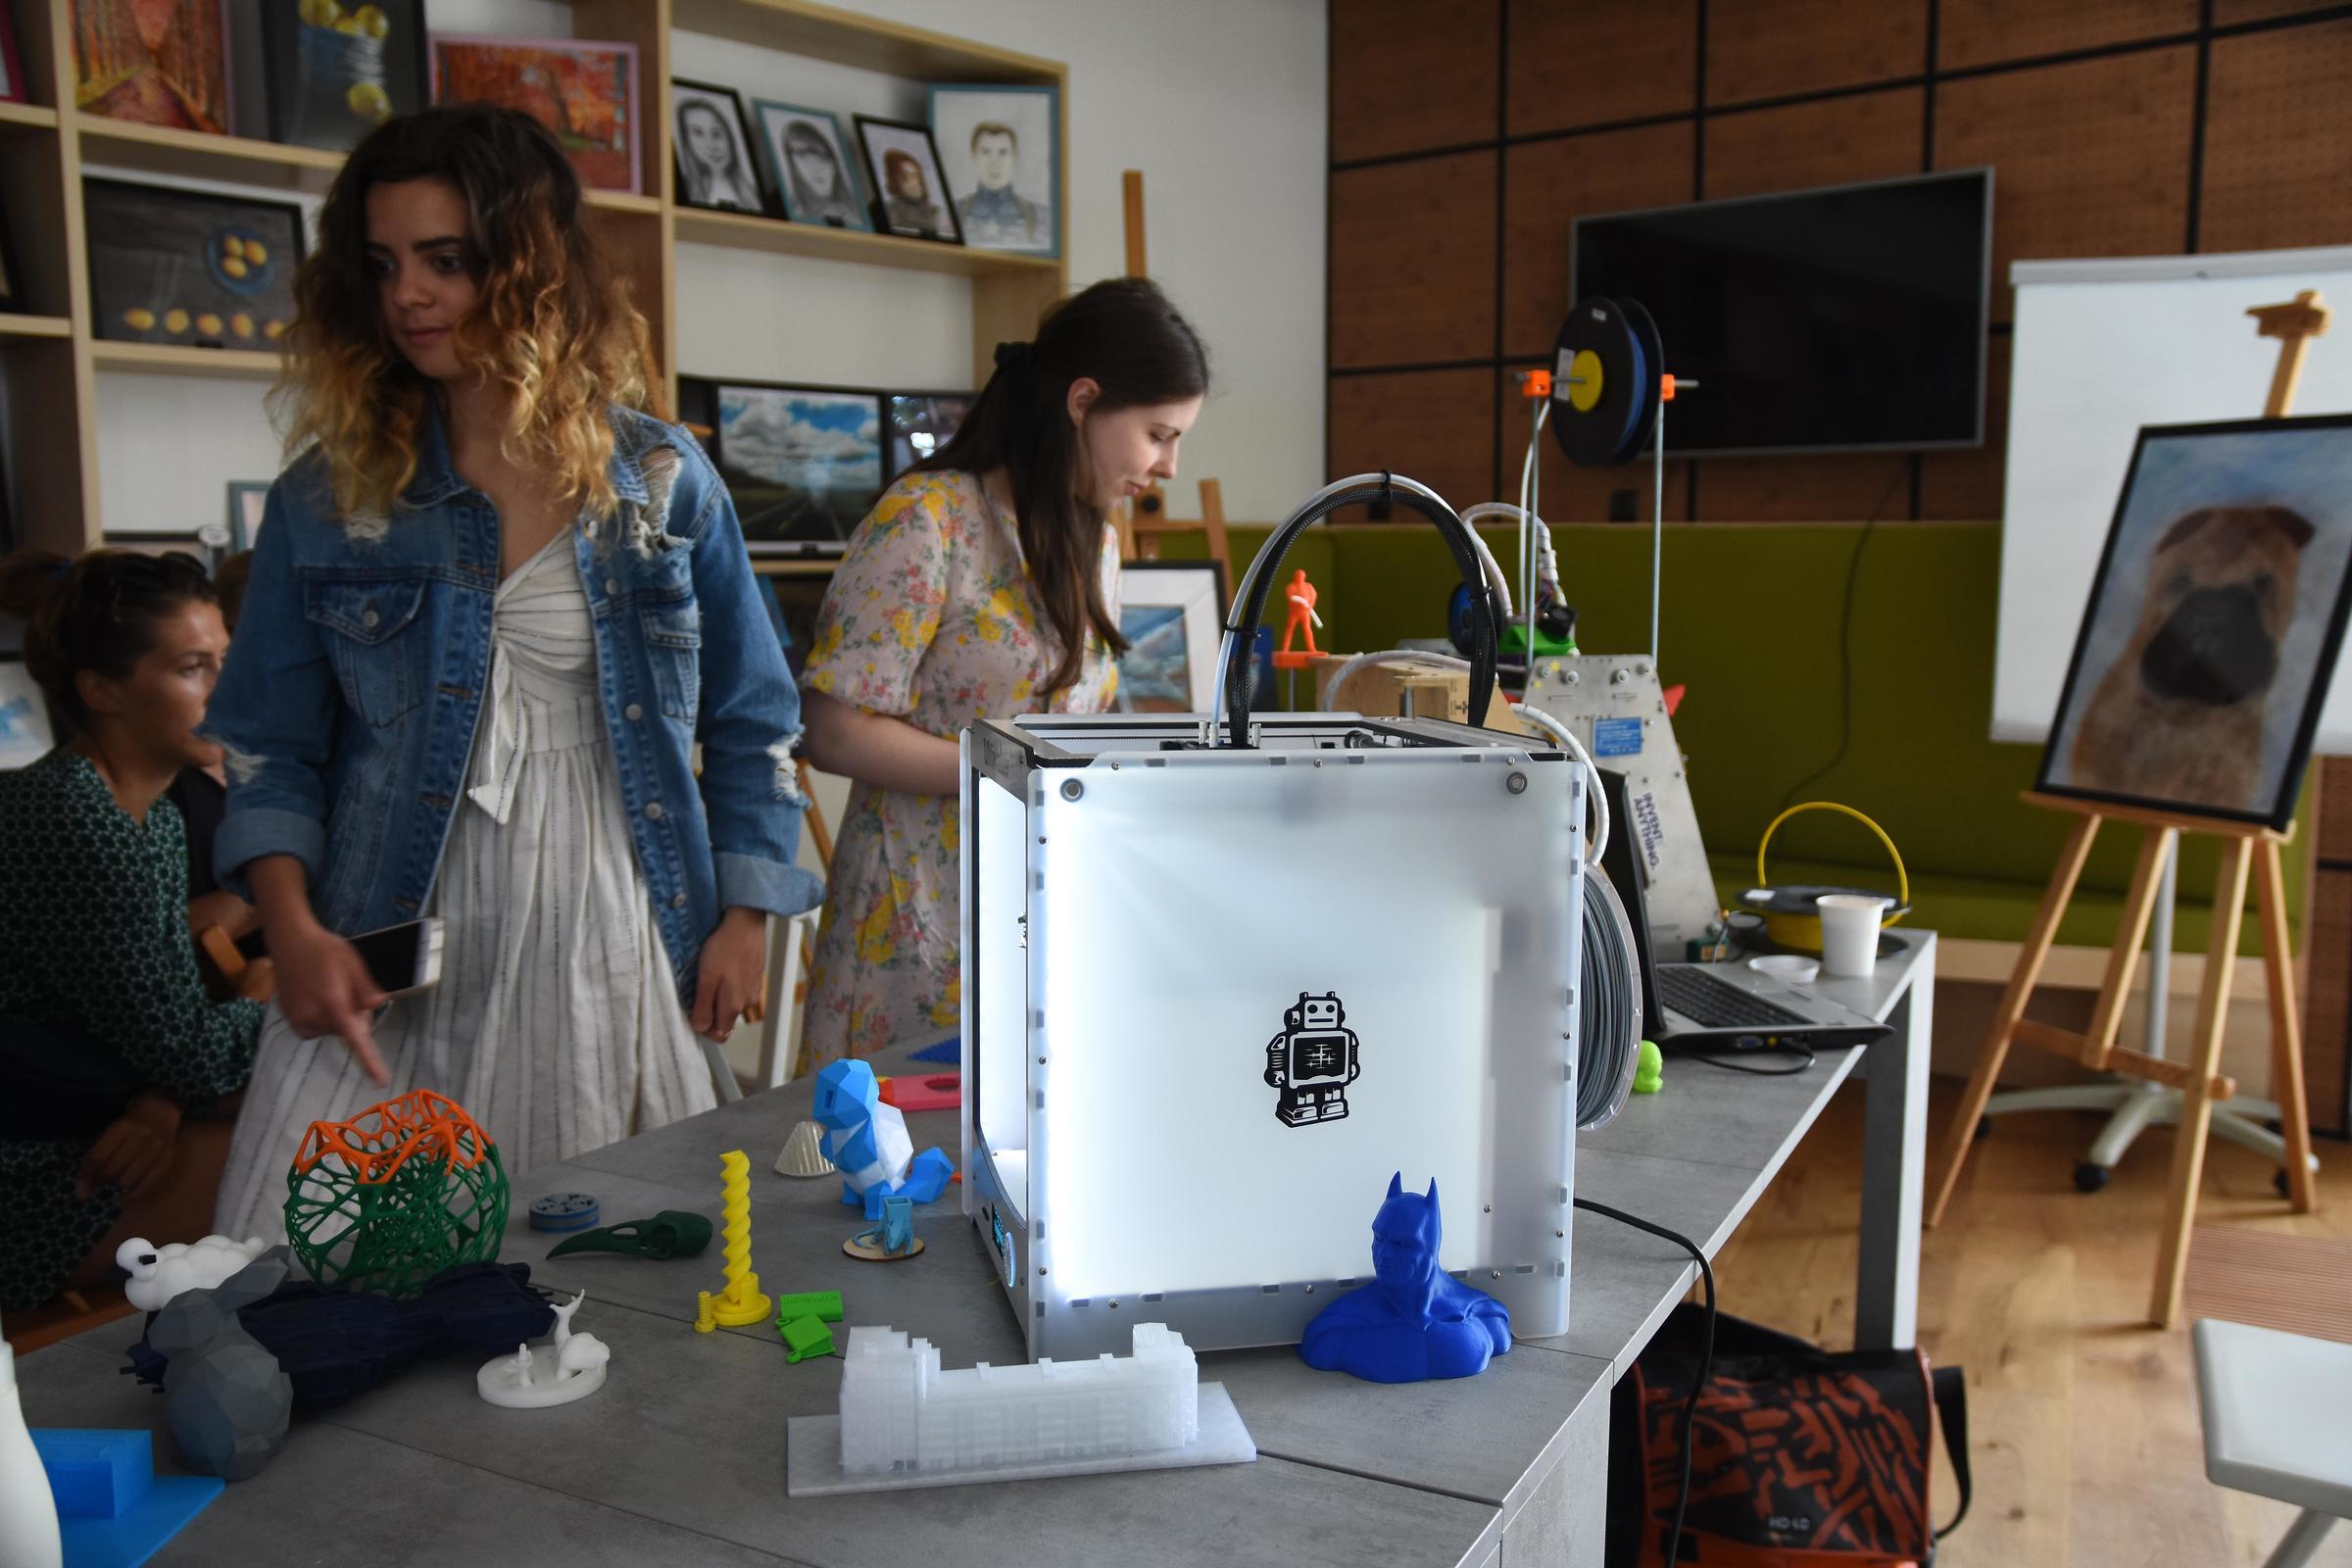 Wydarzenie odbyło się w ramach Gdynia Design Days, fot. Jan Ziarnicki